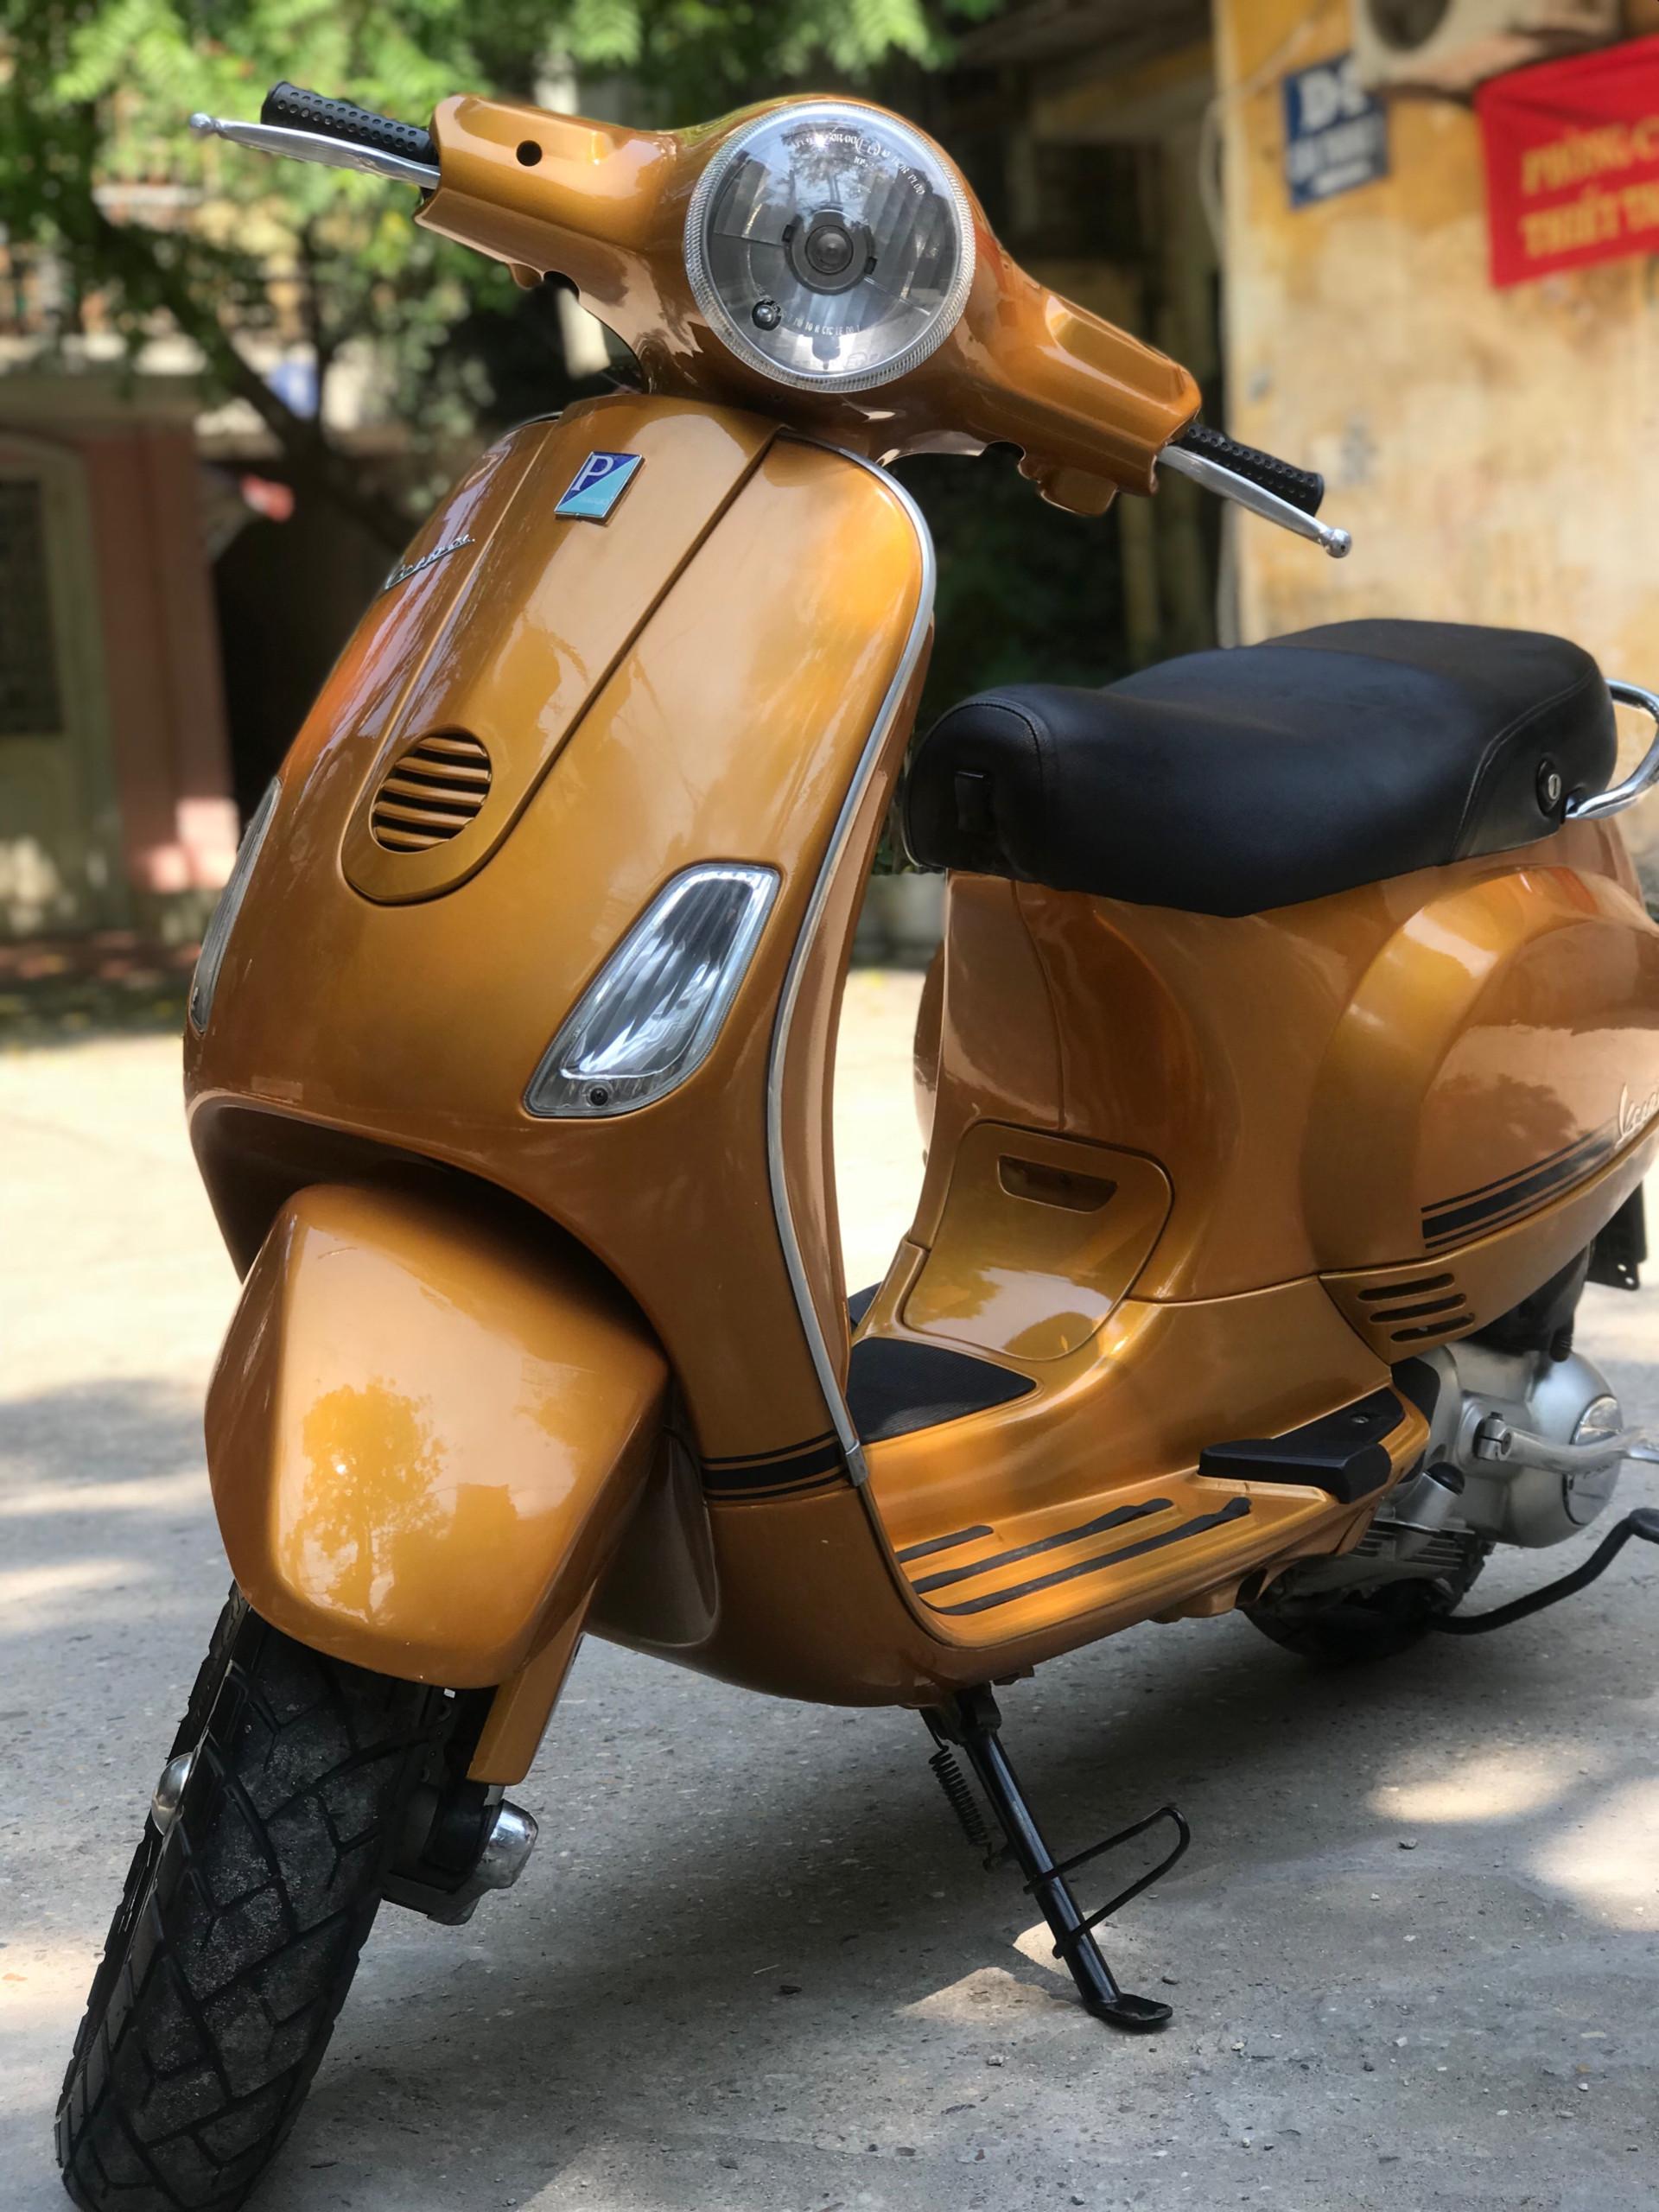 Cần bán Vespa LX 125 nhập khẩu đời chót màu vàng Ero3